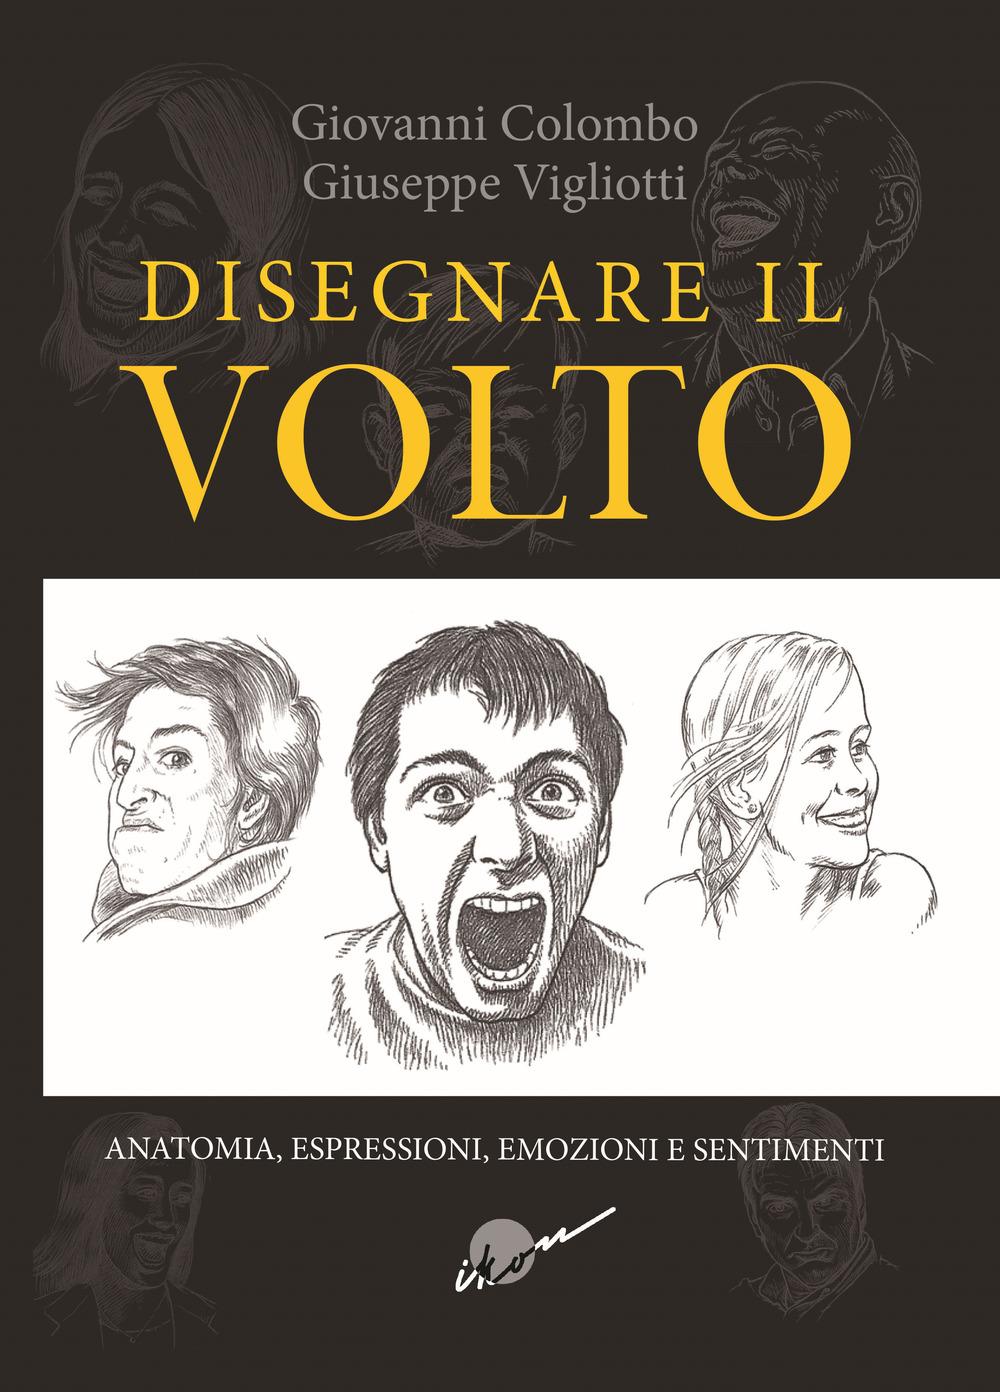 Disegnare il volto. Anatomia, espressioni, emozioni e sentimenti. Ediz. illustrata